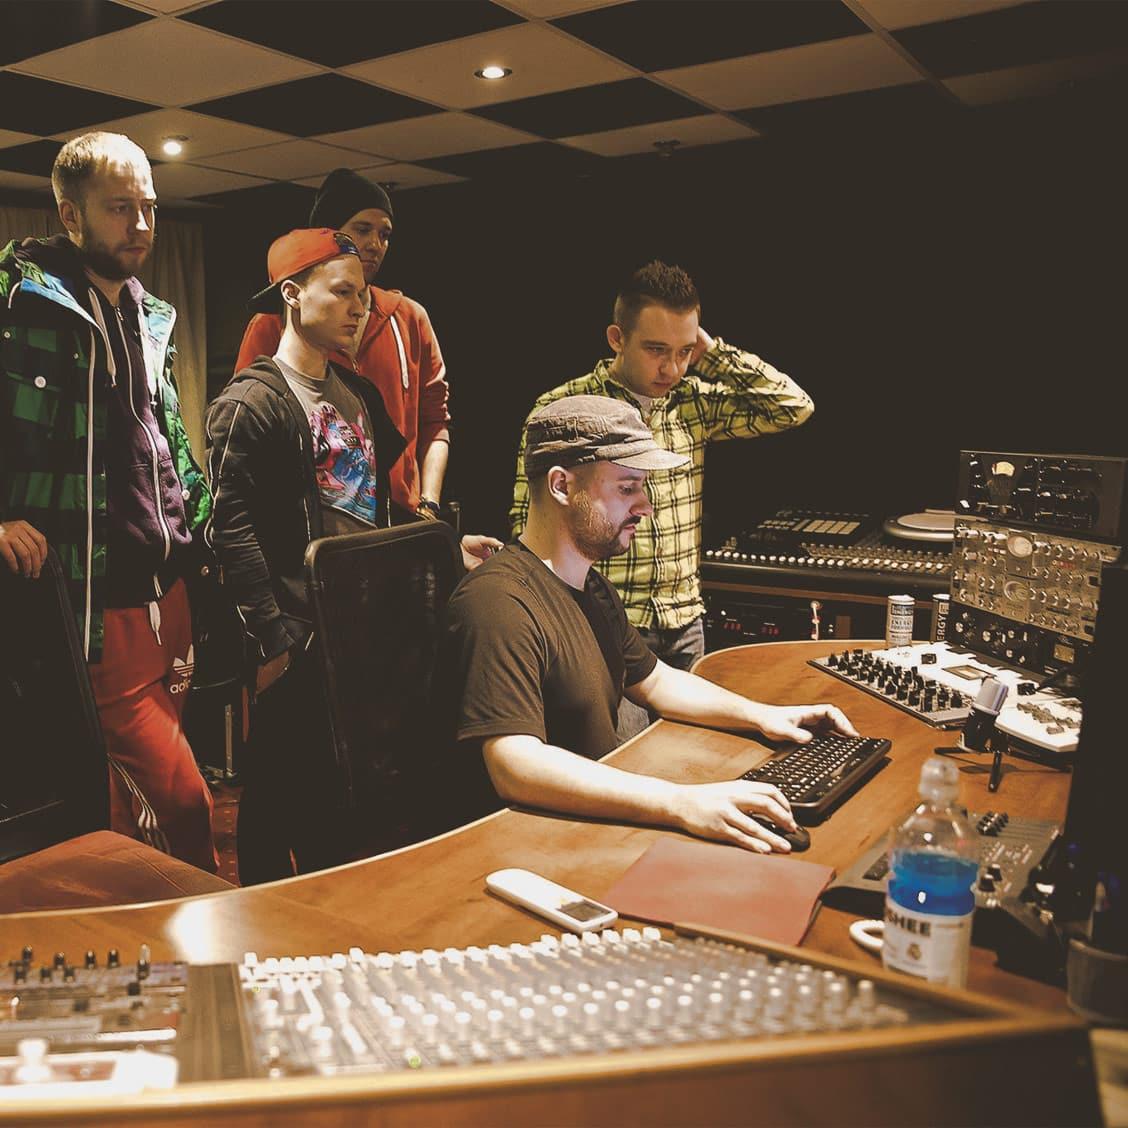 Zespół ENEY i Jarosław JARO Baran w studio nagraniowym Architected Sound